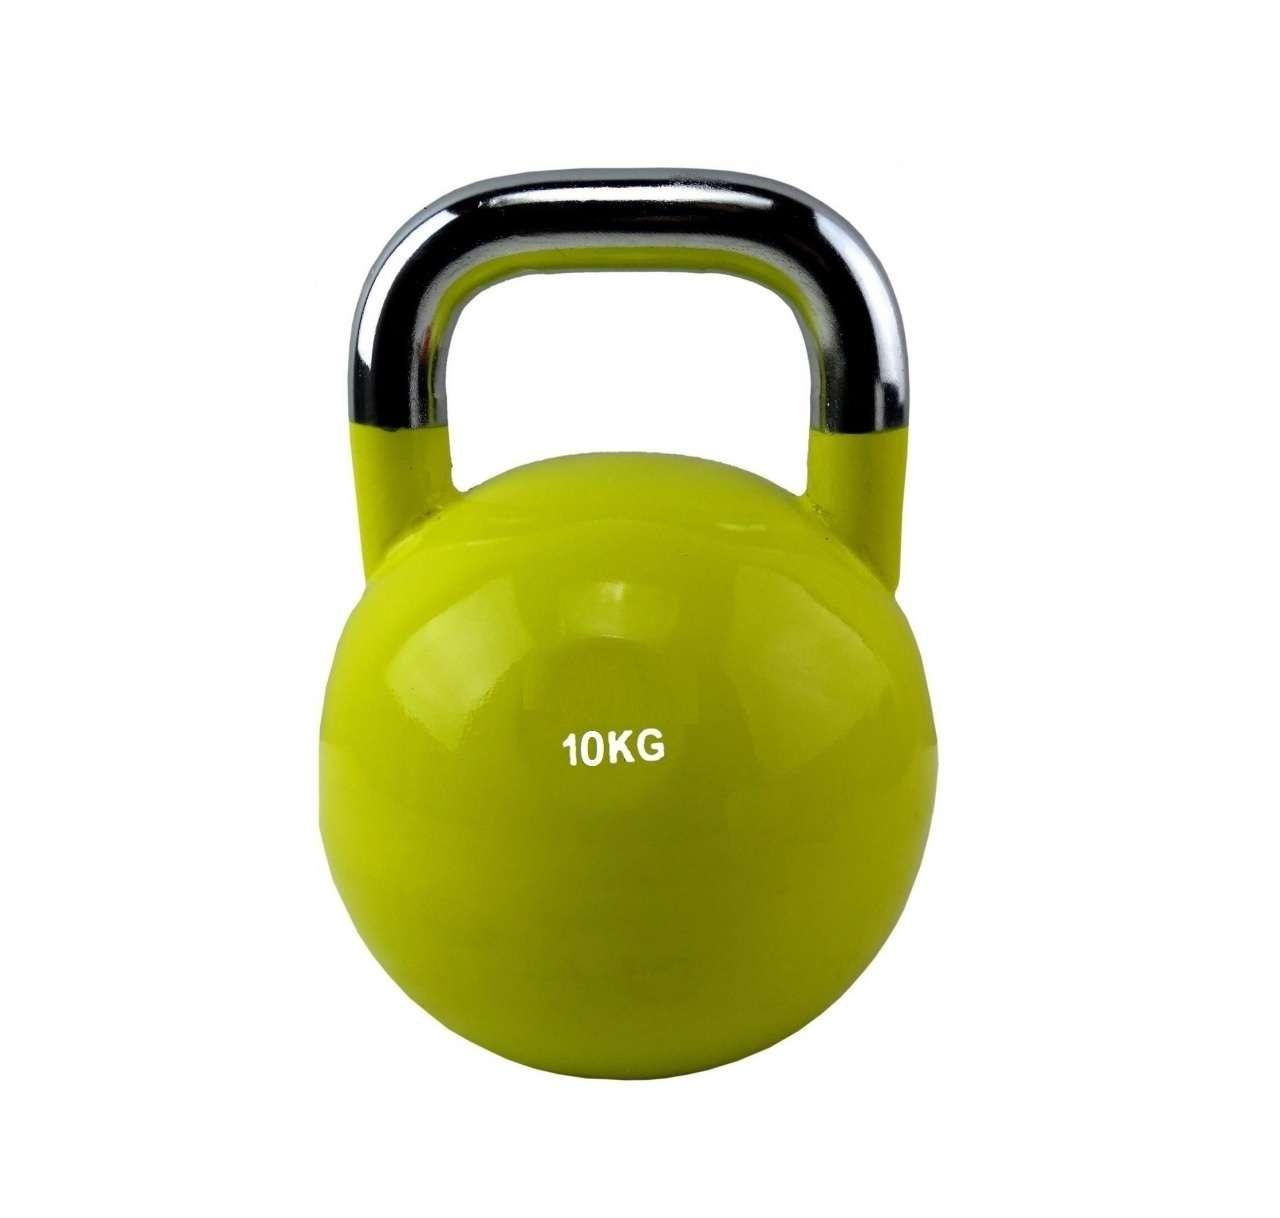 Takmičarska girja 10kg - Rusko zvono